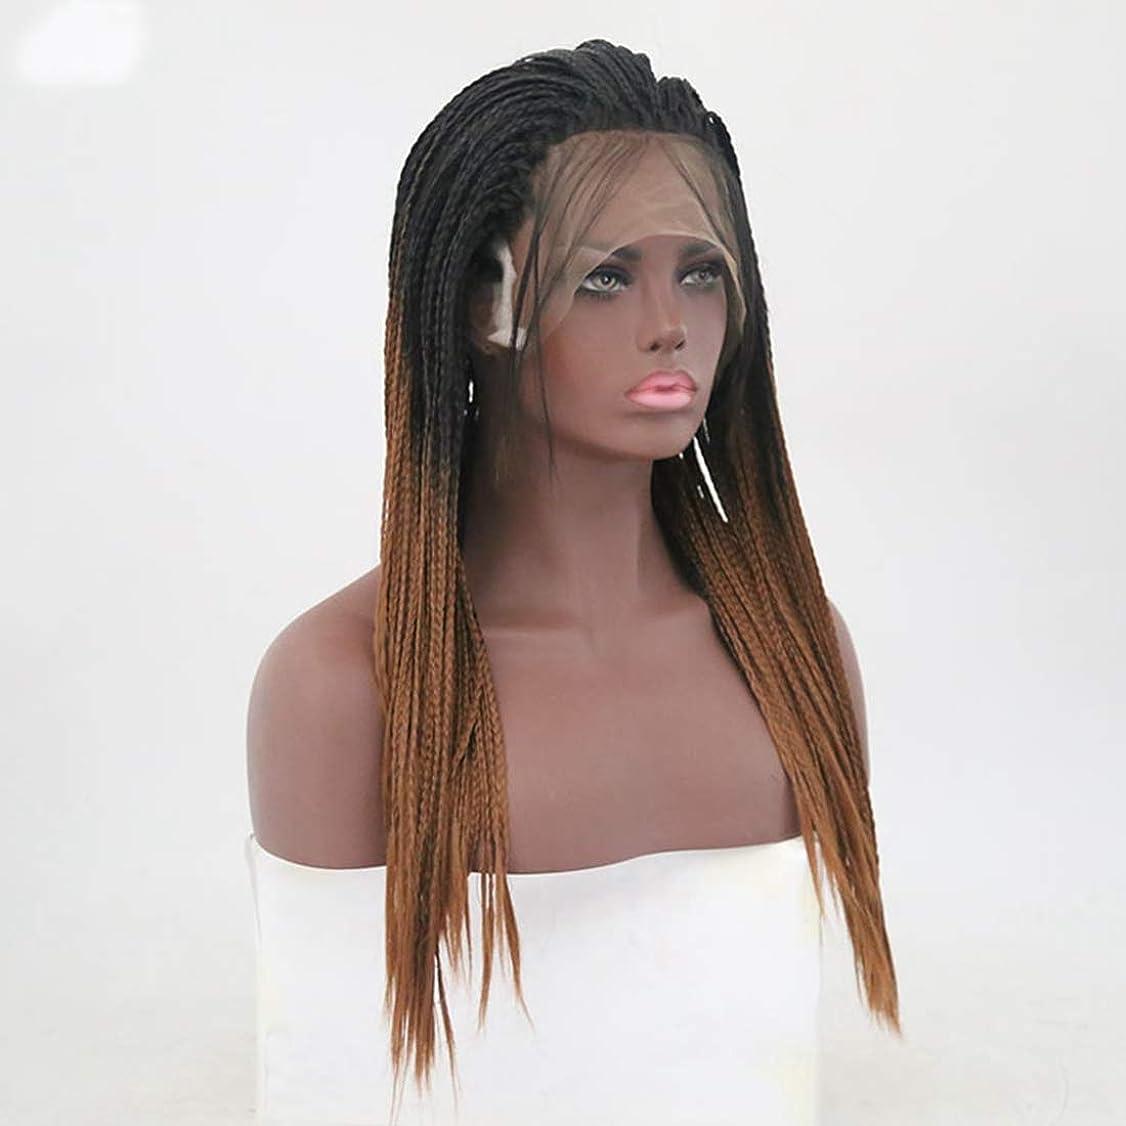 じゃがいも配当スモッグKoloeplf アフリカの小さなボリューム編まれた髪汚れたかつらブラウンロングストレートヘアウィッグフロントレース化学繊維ヘアウィッグ (サイズ : 18 inches)